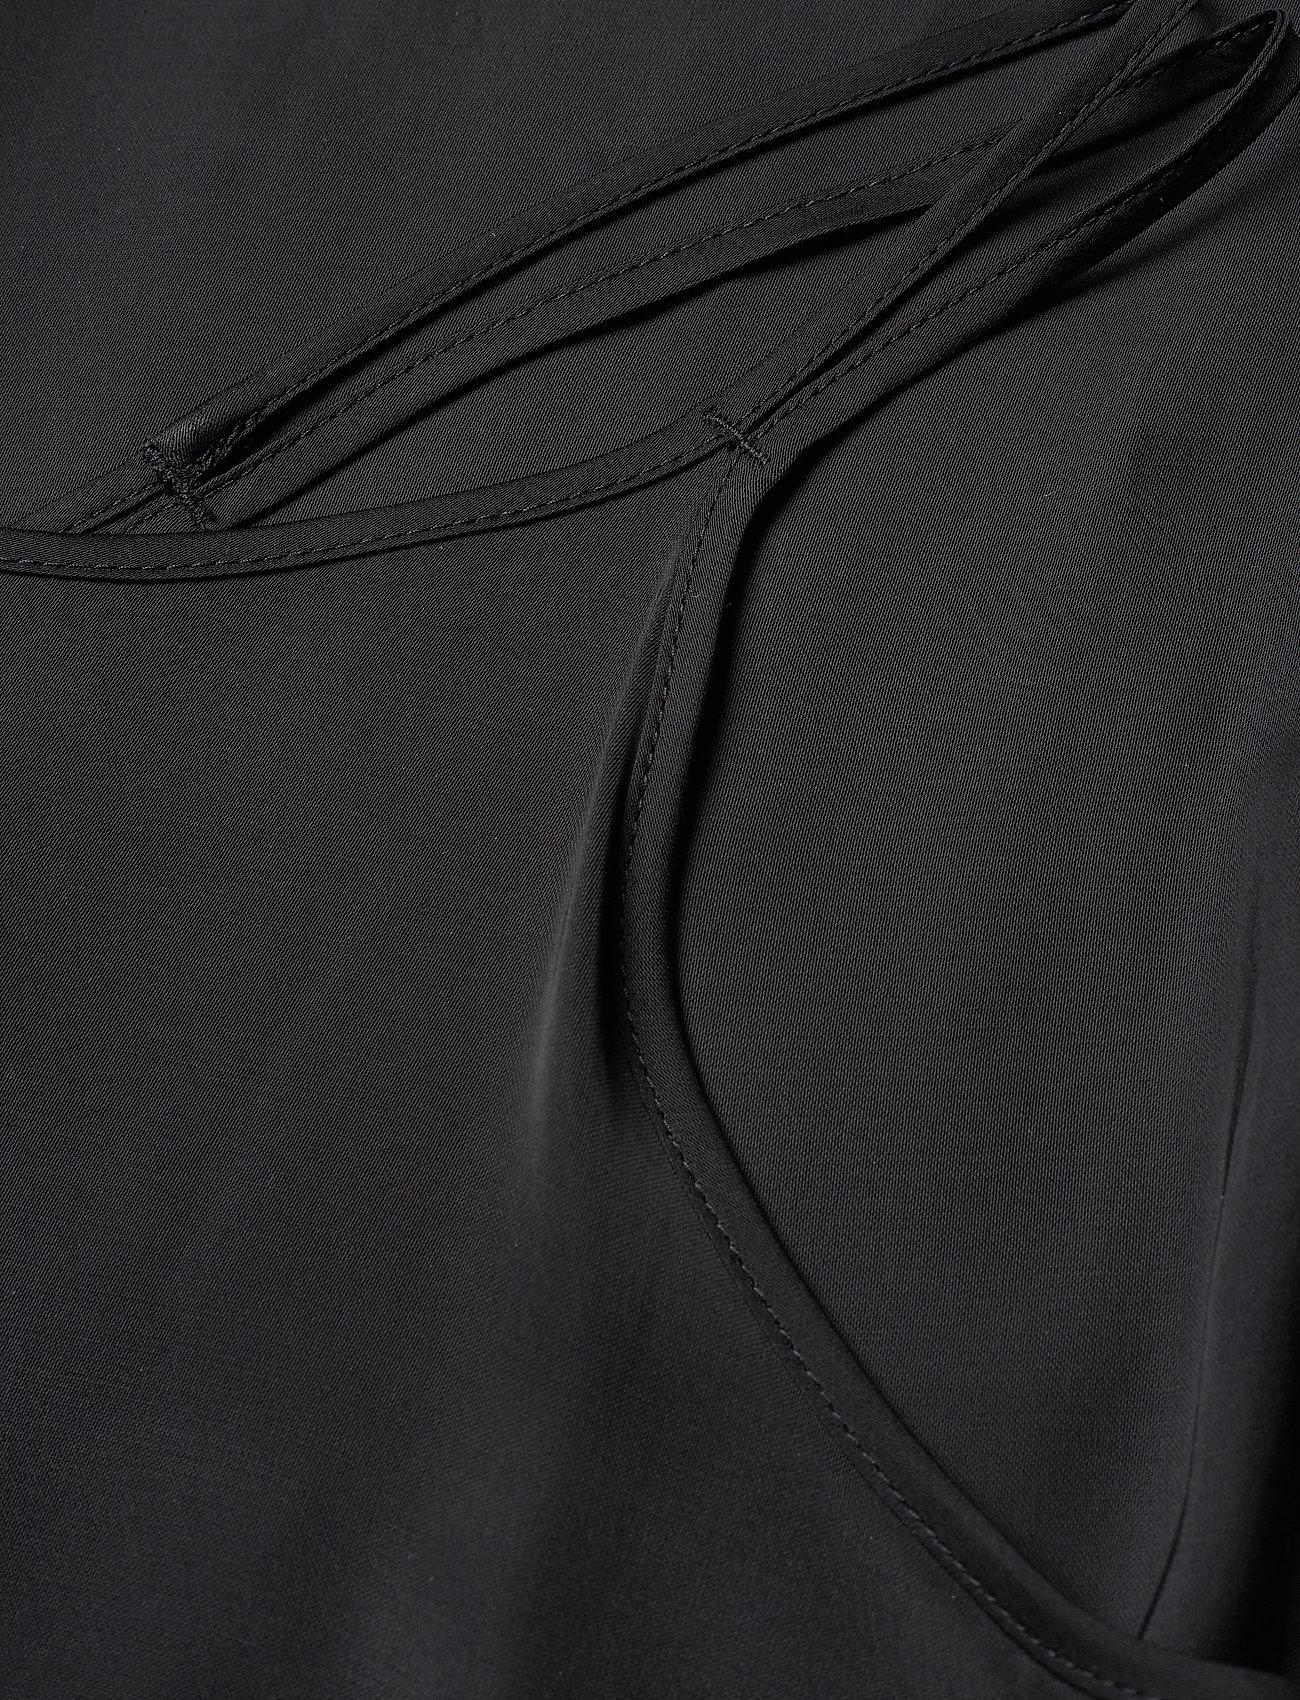 Joni Liquid Satin (Black) (680 kr) - J. Lindeberg